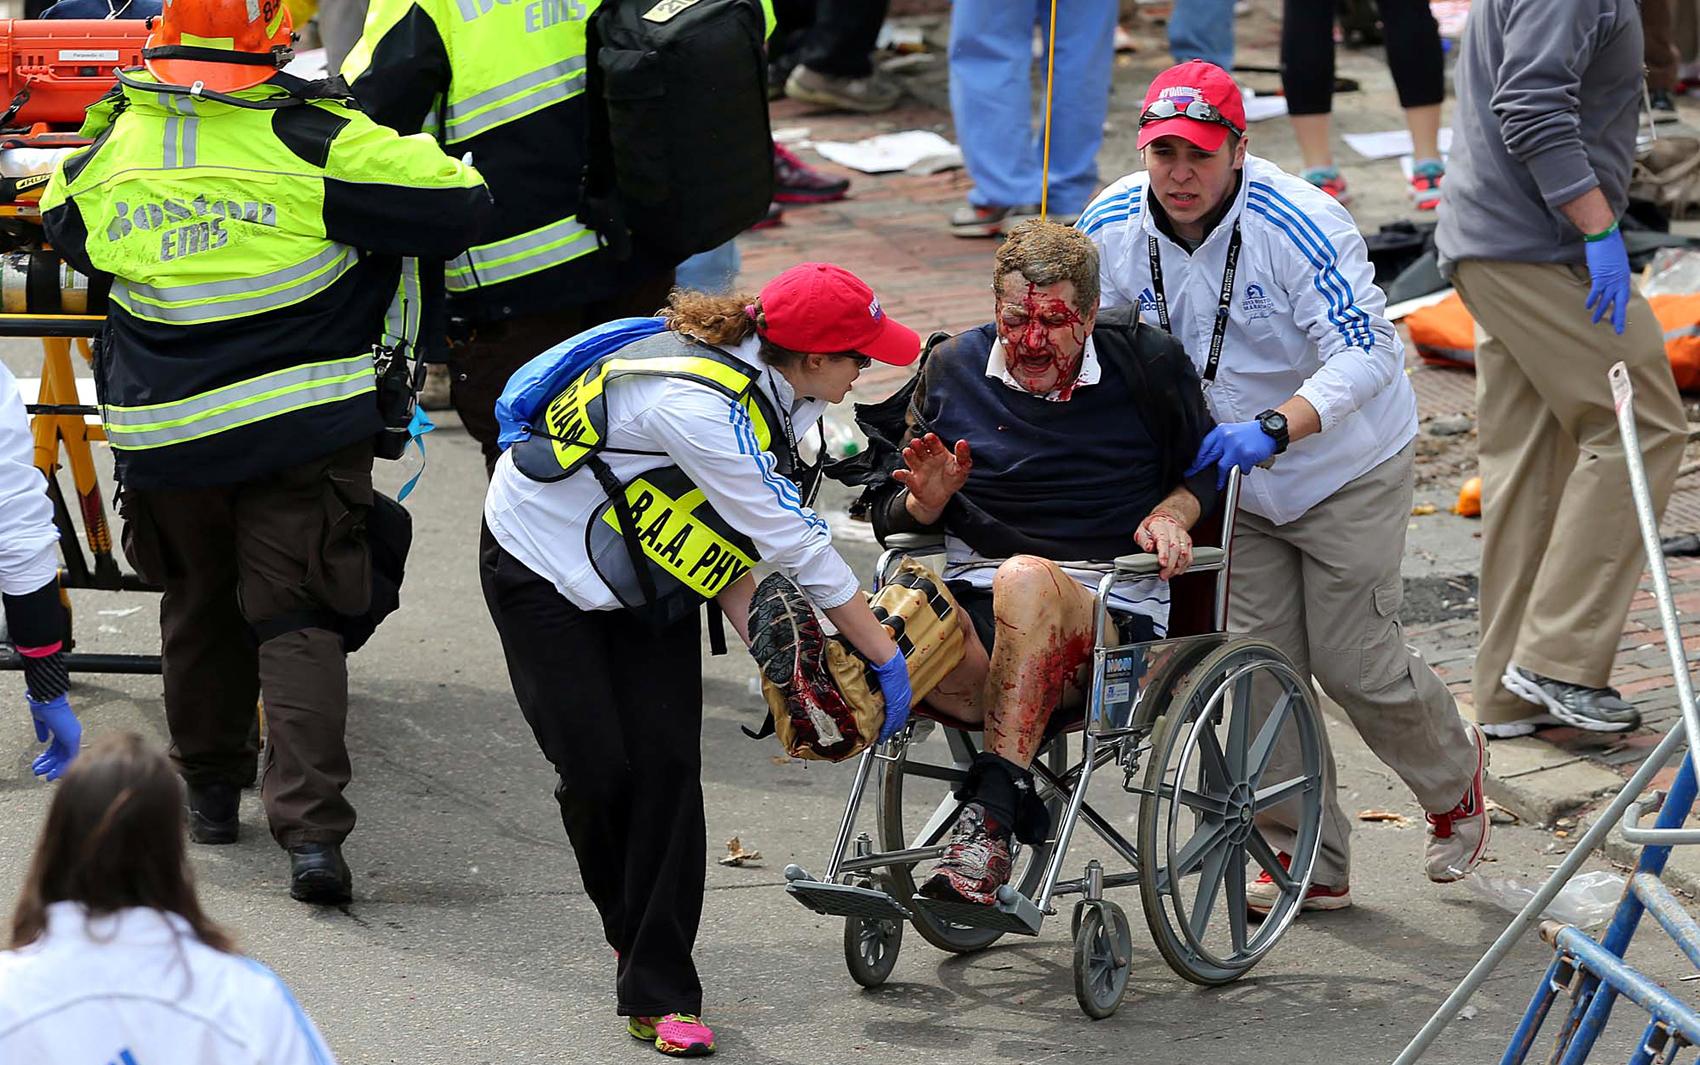 Homem é auxiliado por socorristas após explosão na Maratona de Boston.